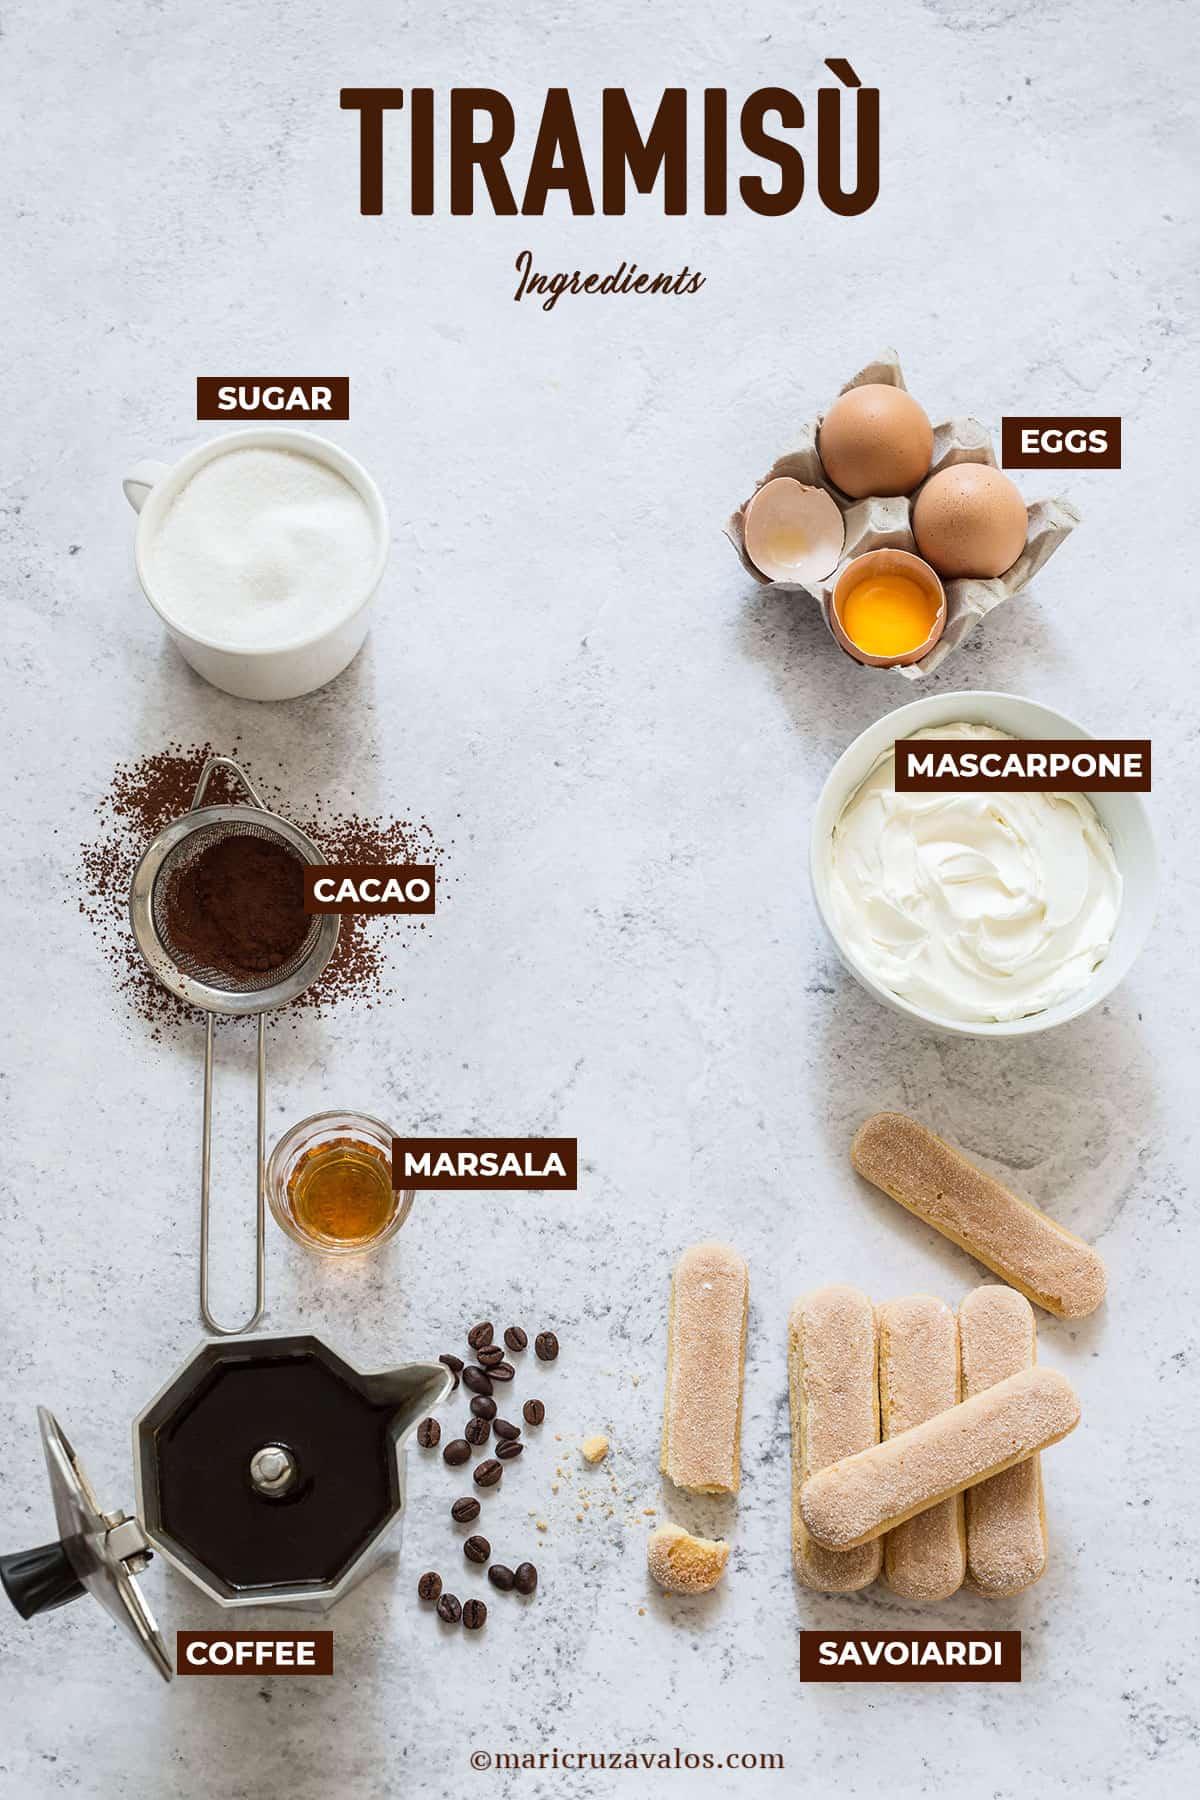 Ingredients for Italian tiramisu.